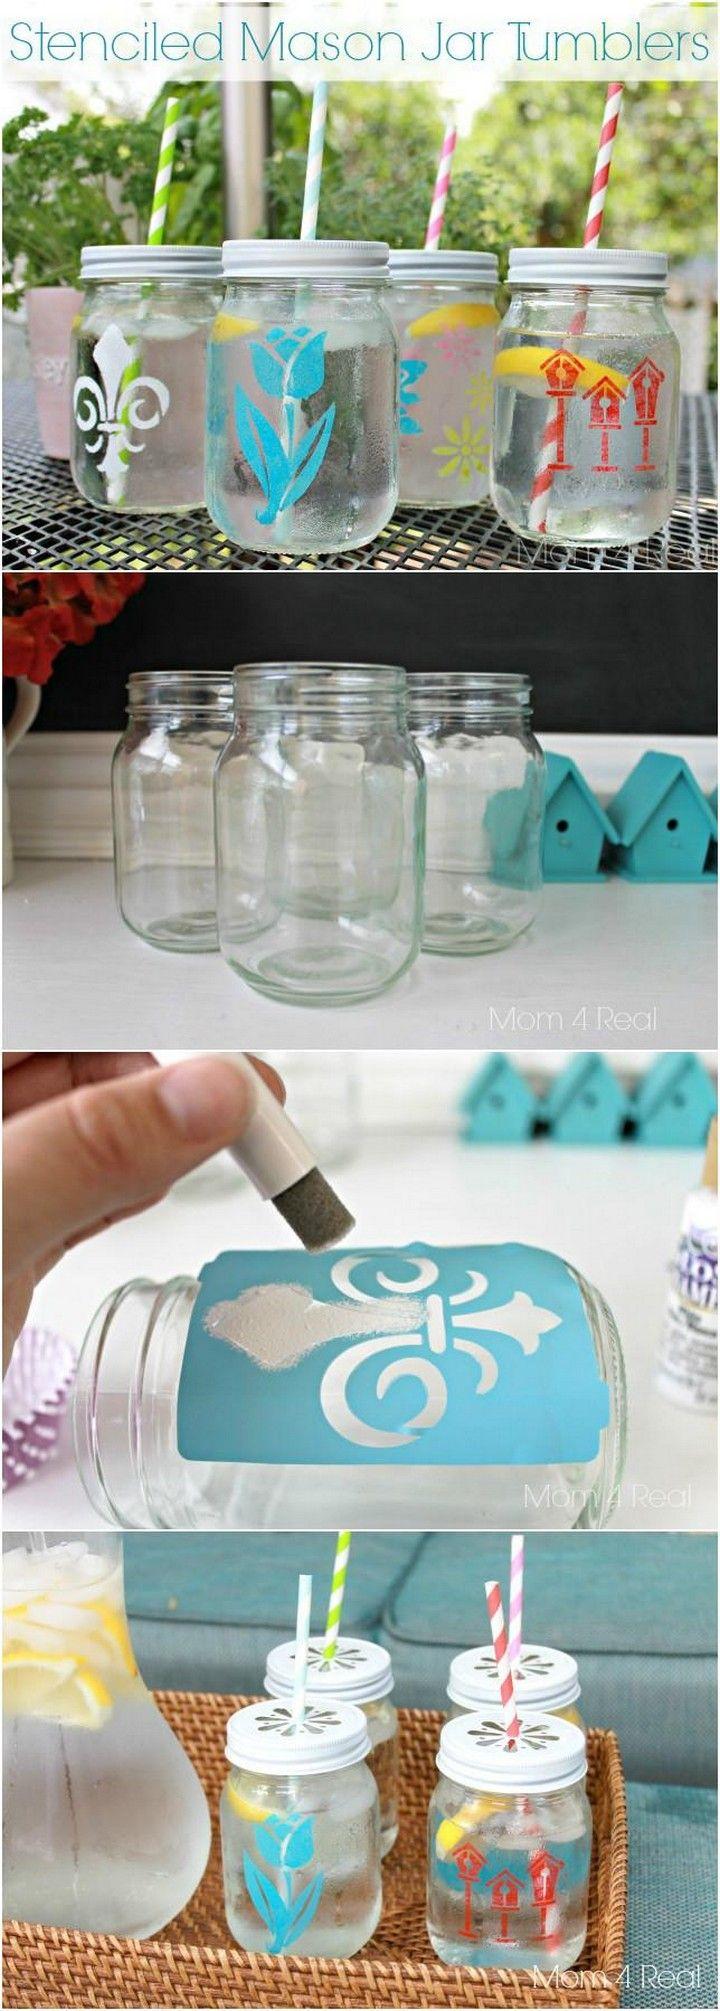 160 DIY Mason Jar Crafts and Gift